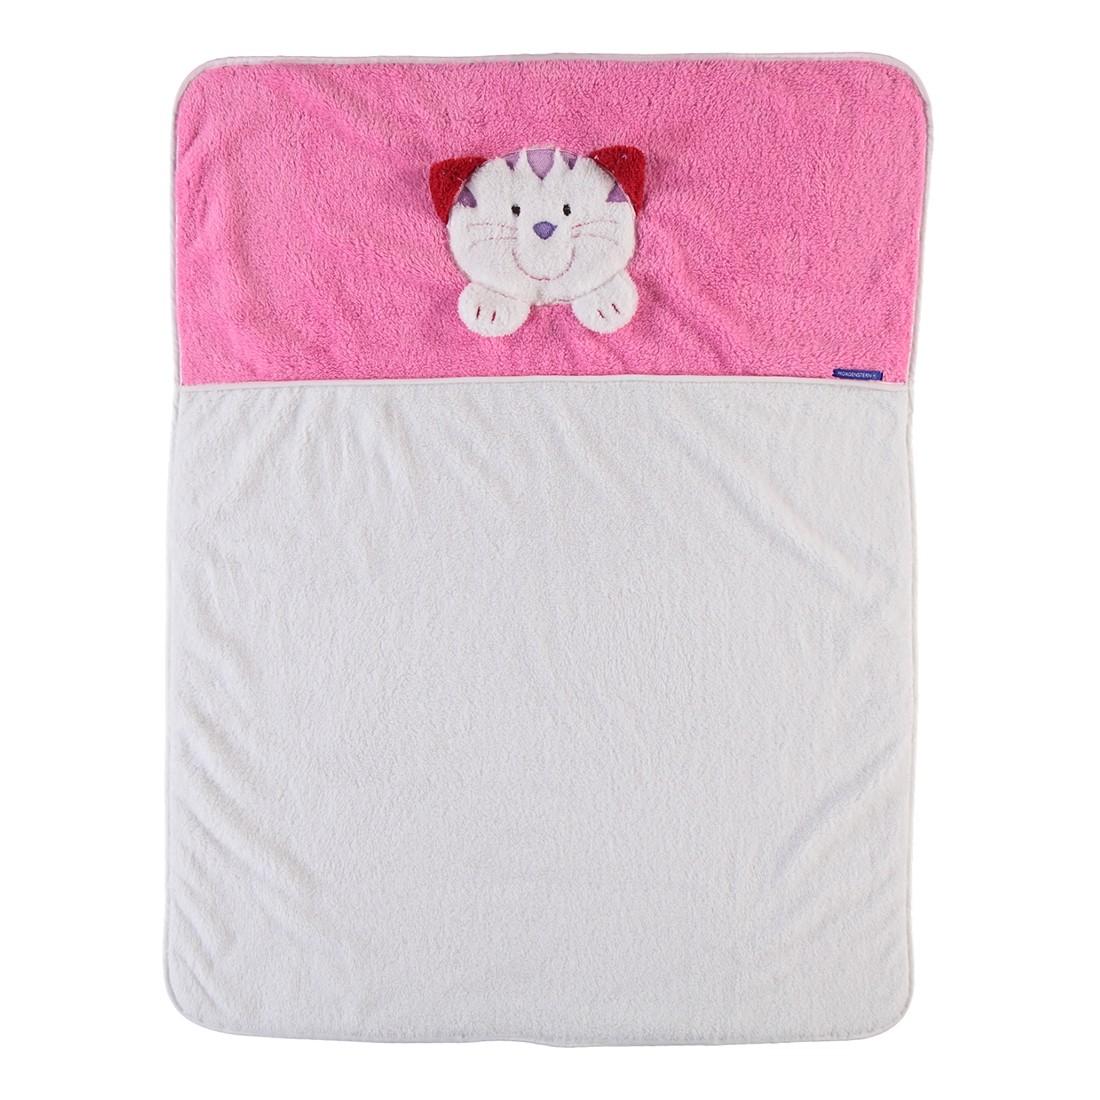 Wohndecke Animals Katze – Polyester – Natur/Rosa, Morgenstern online kaufen